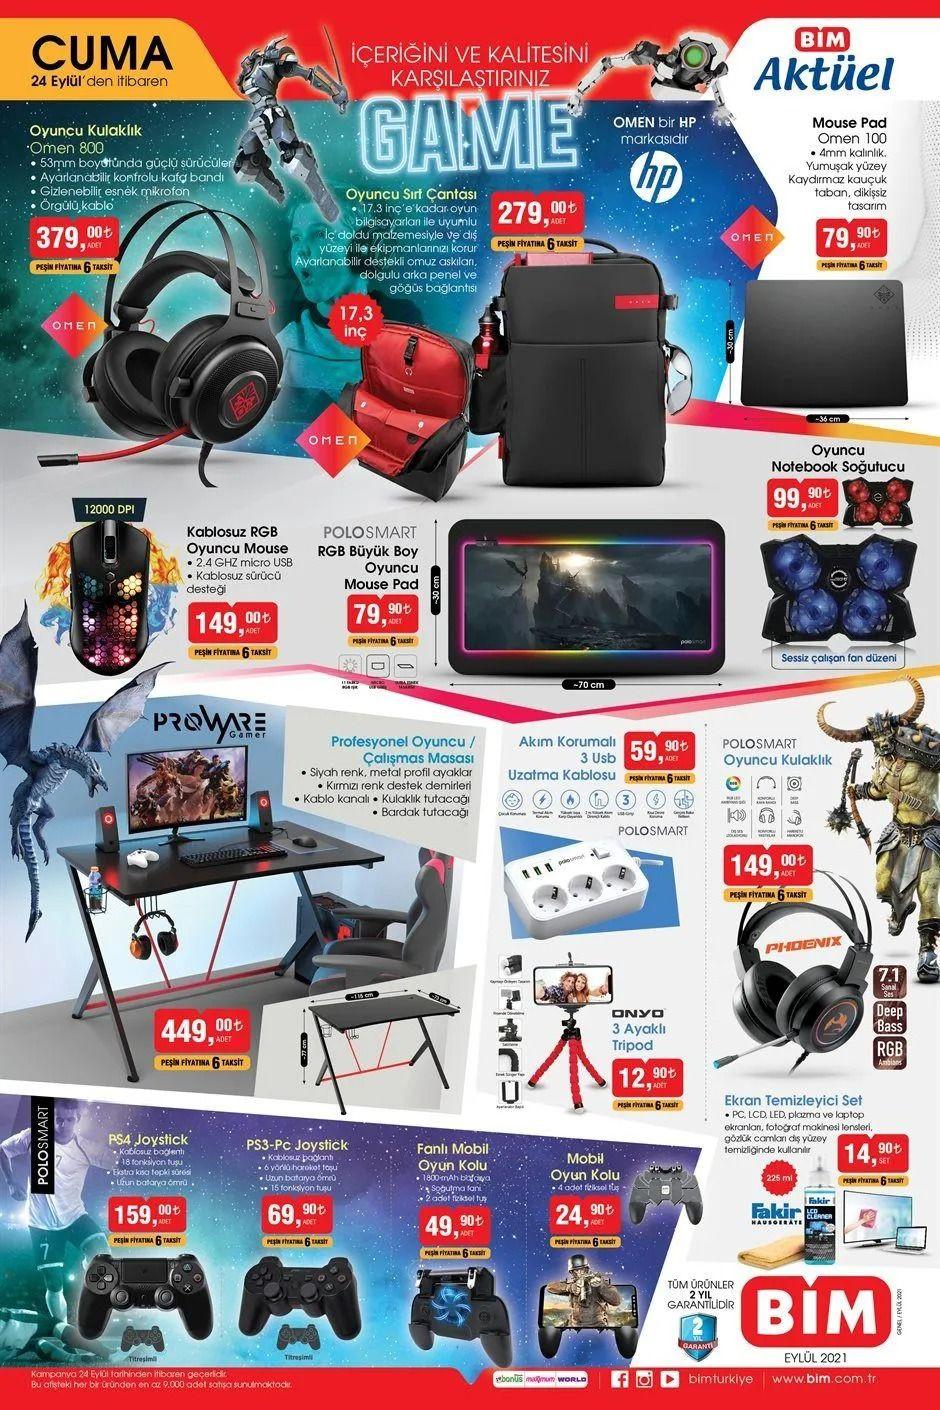 BİM 24 Eylül 2021 aktüel ürünler kataloğu Cuma fiyat listesi - Sayfa 2